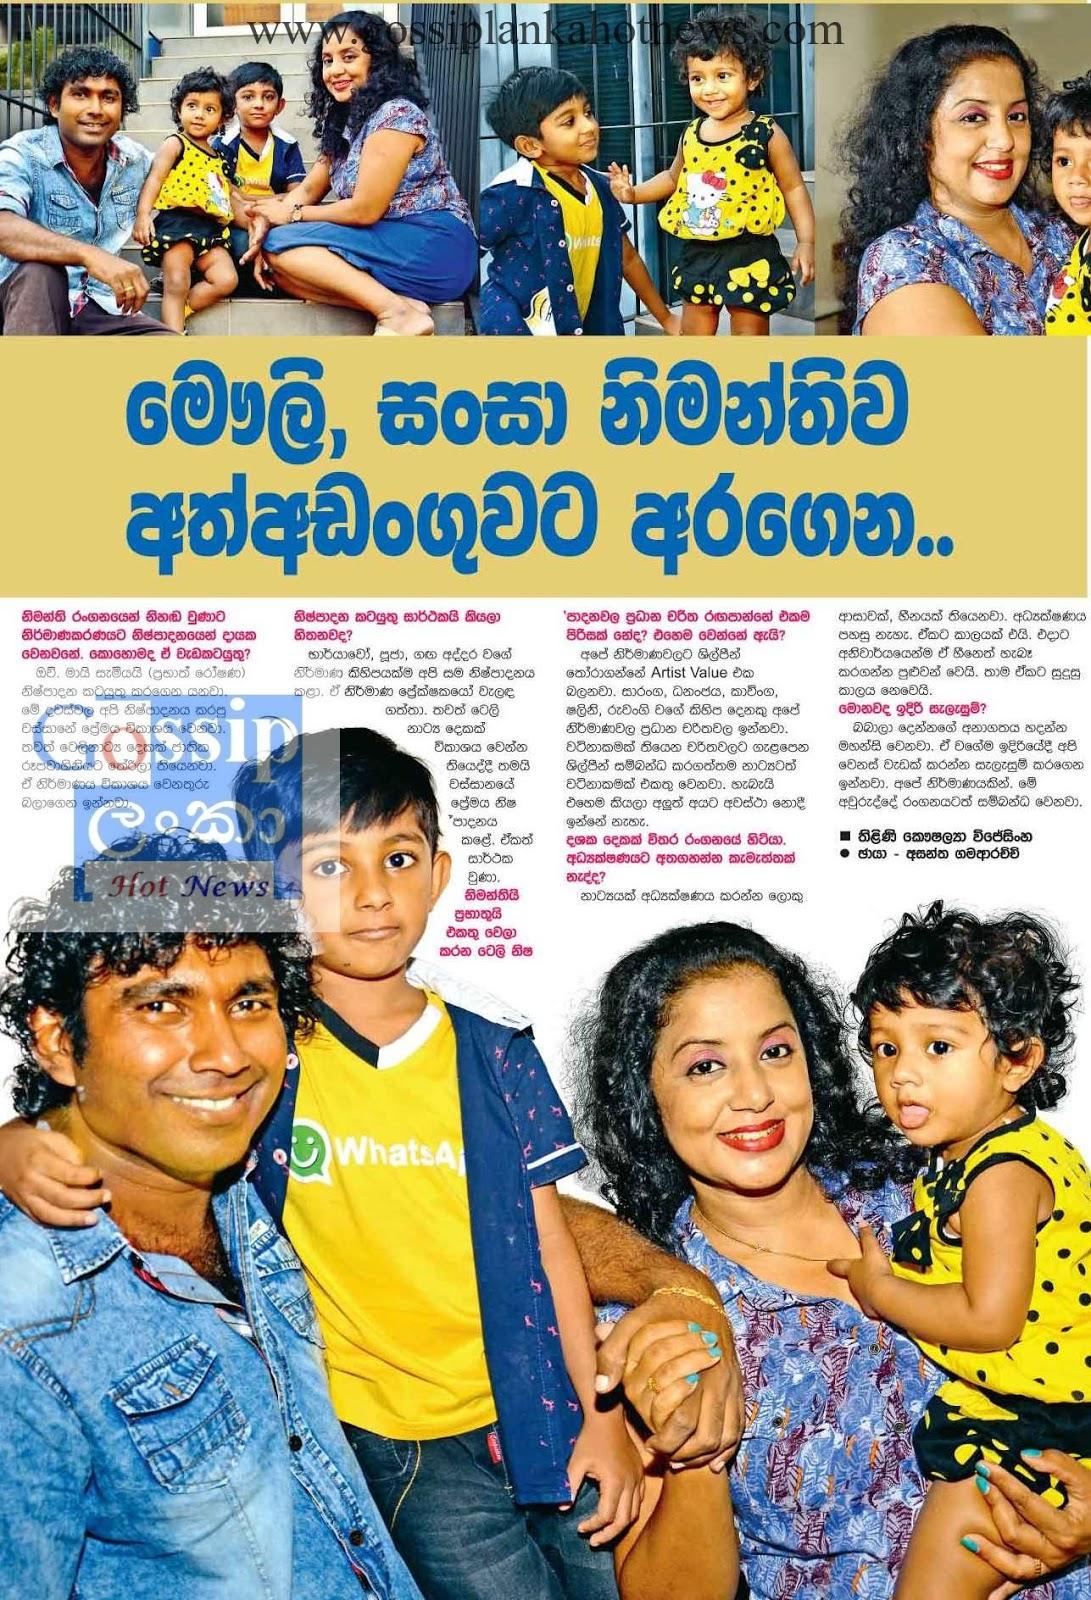 Online sri lanka news shopping car mobile games - Sri